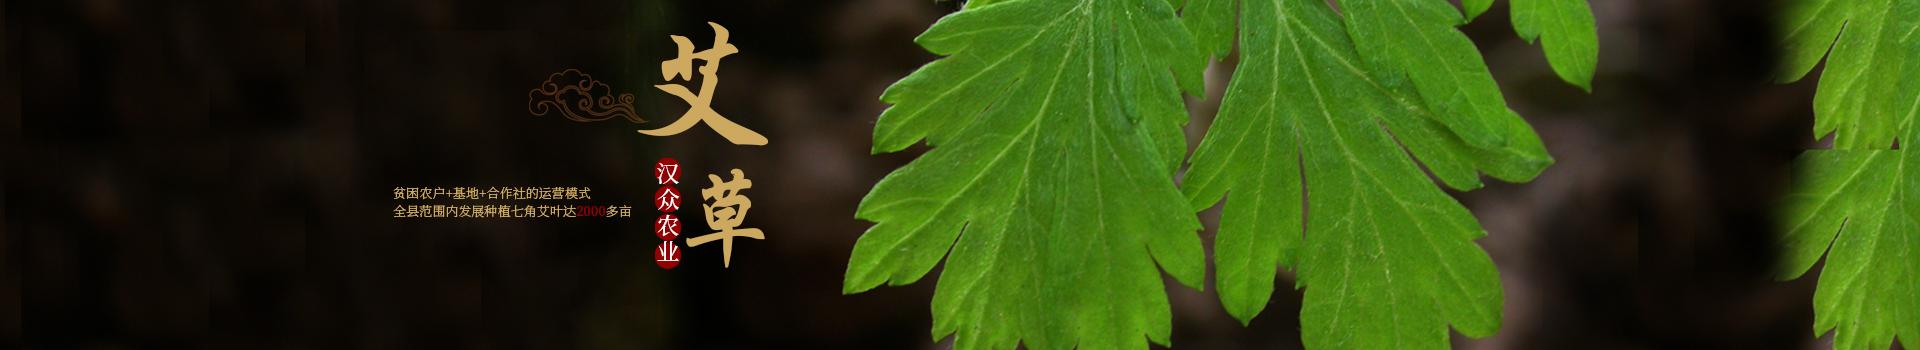 湖南必威体育最新版下载农业发展有限公司_怀化天然七角艾草植物种植|怀化艾制品制造销售